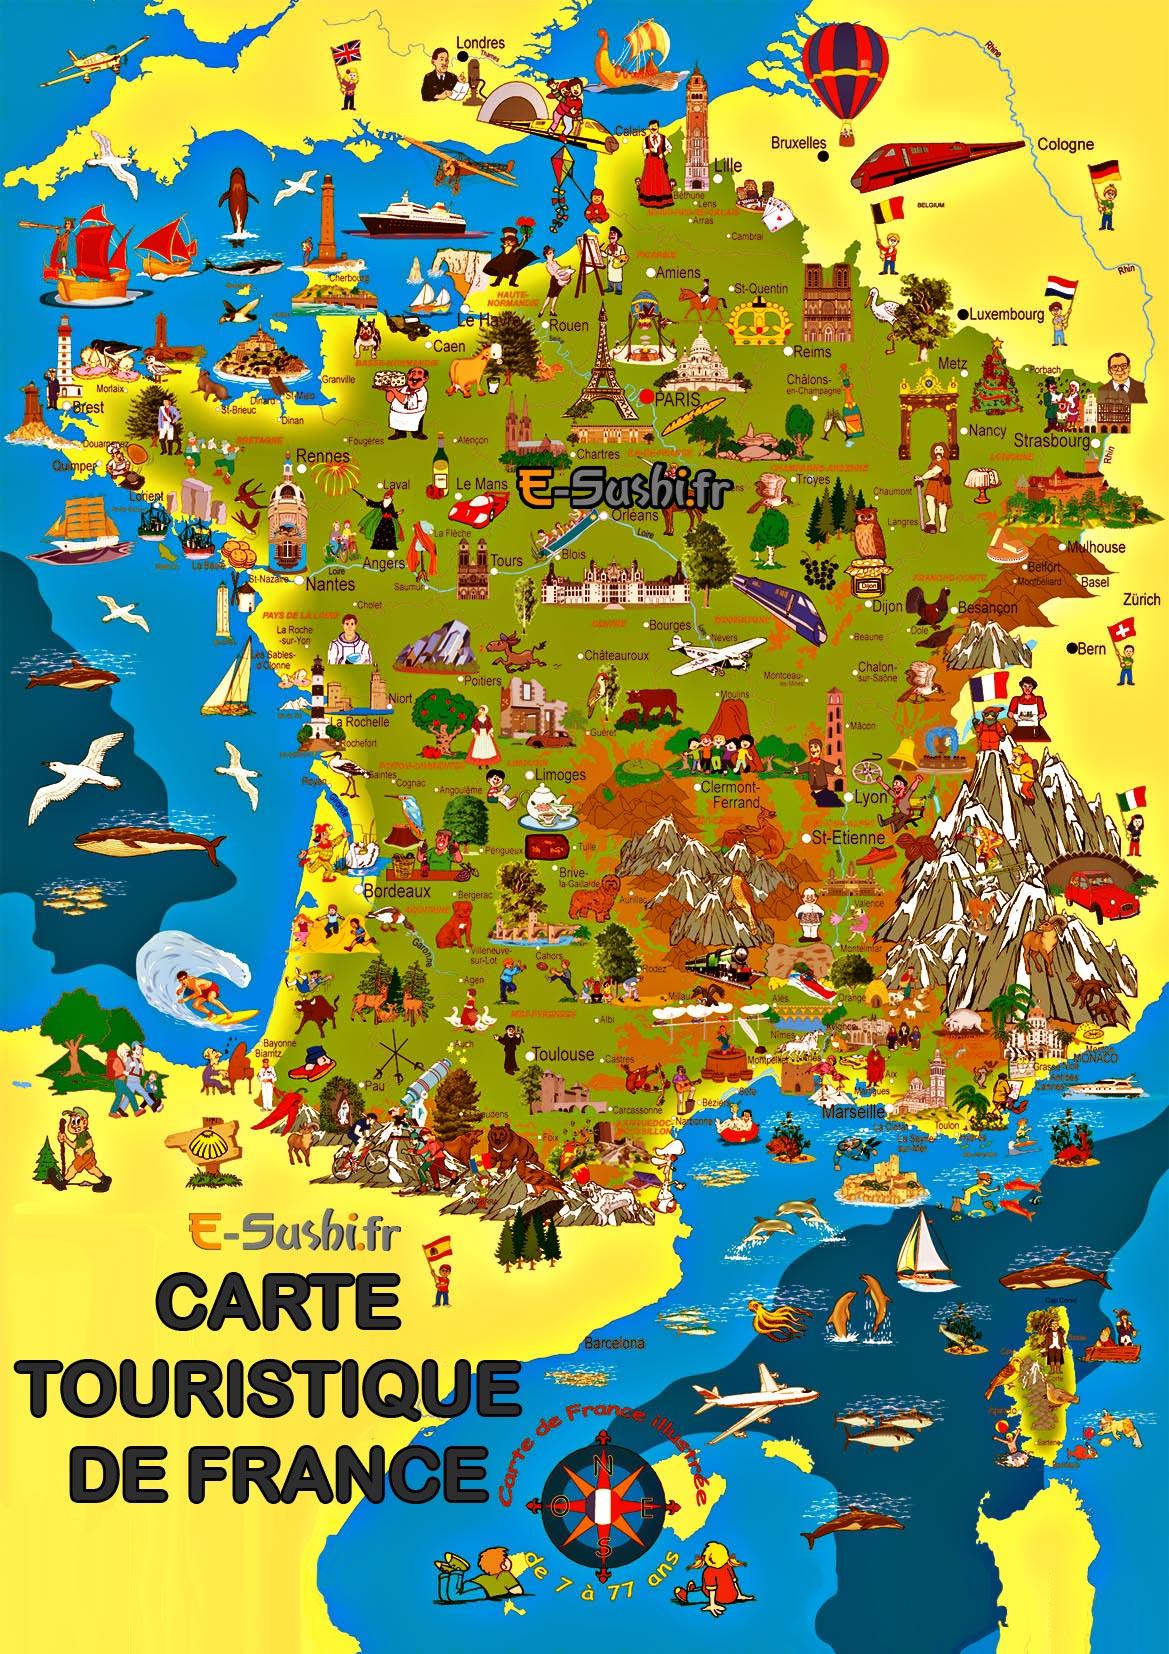 Carte de France touristique illustrée - Arts et Voyages